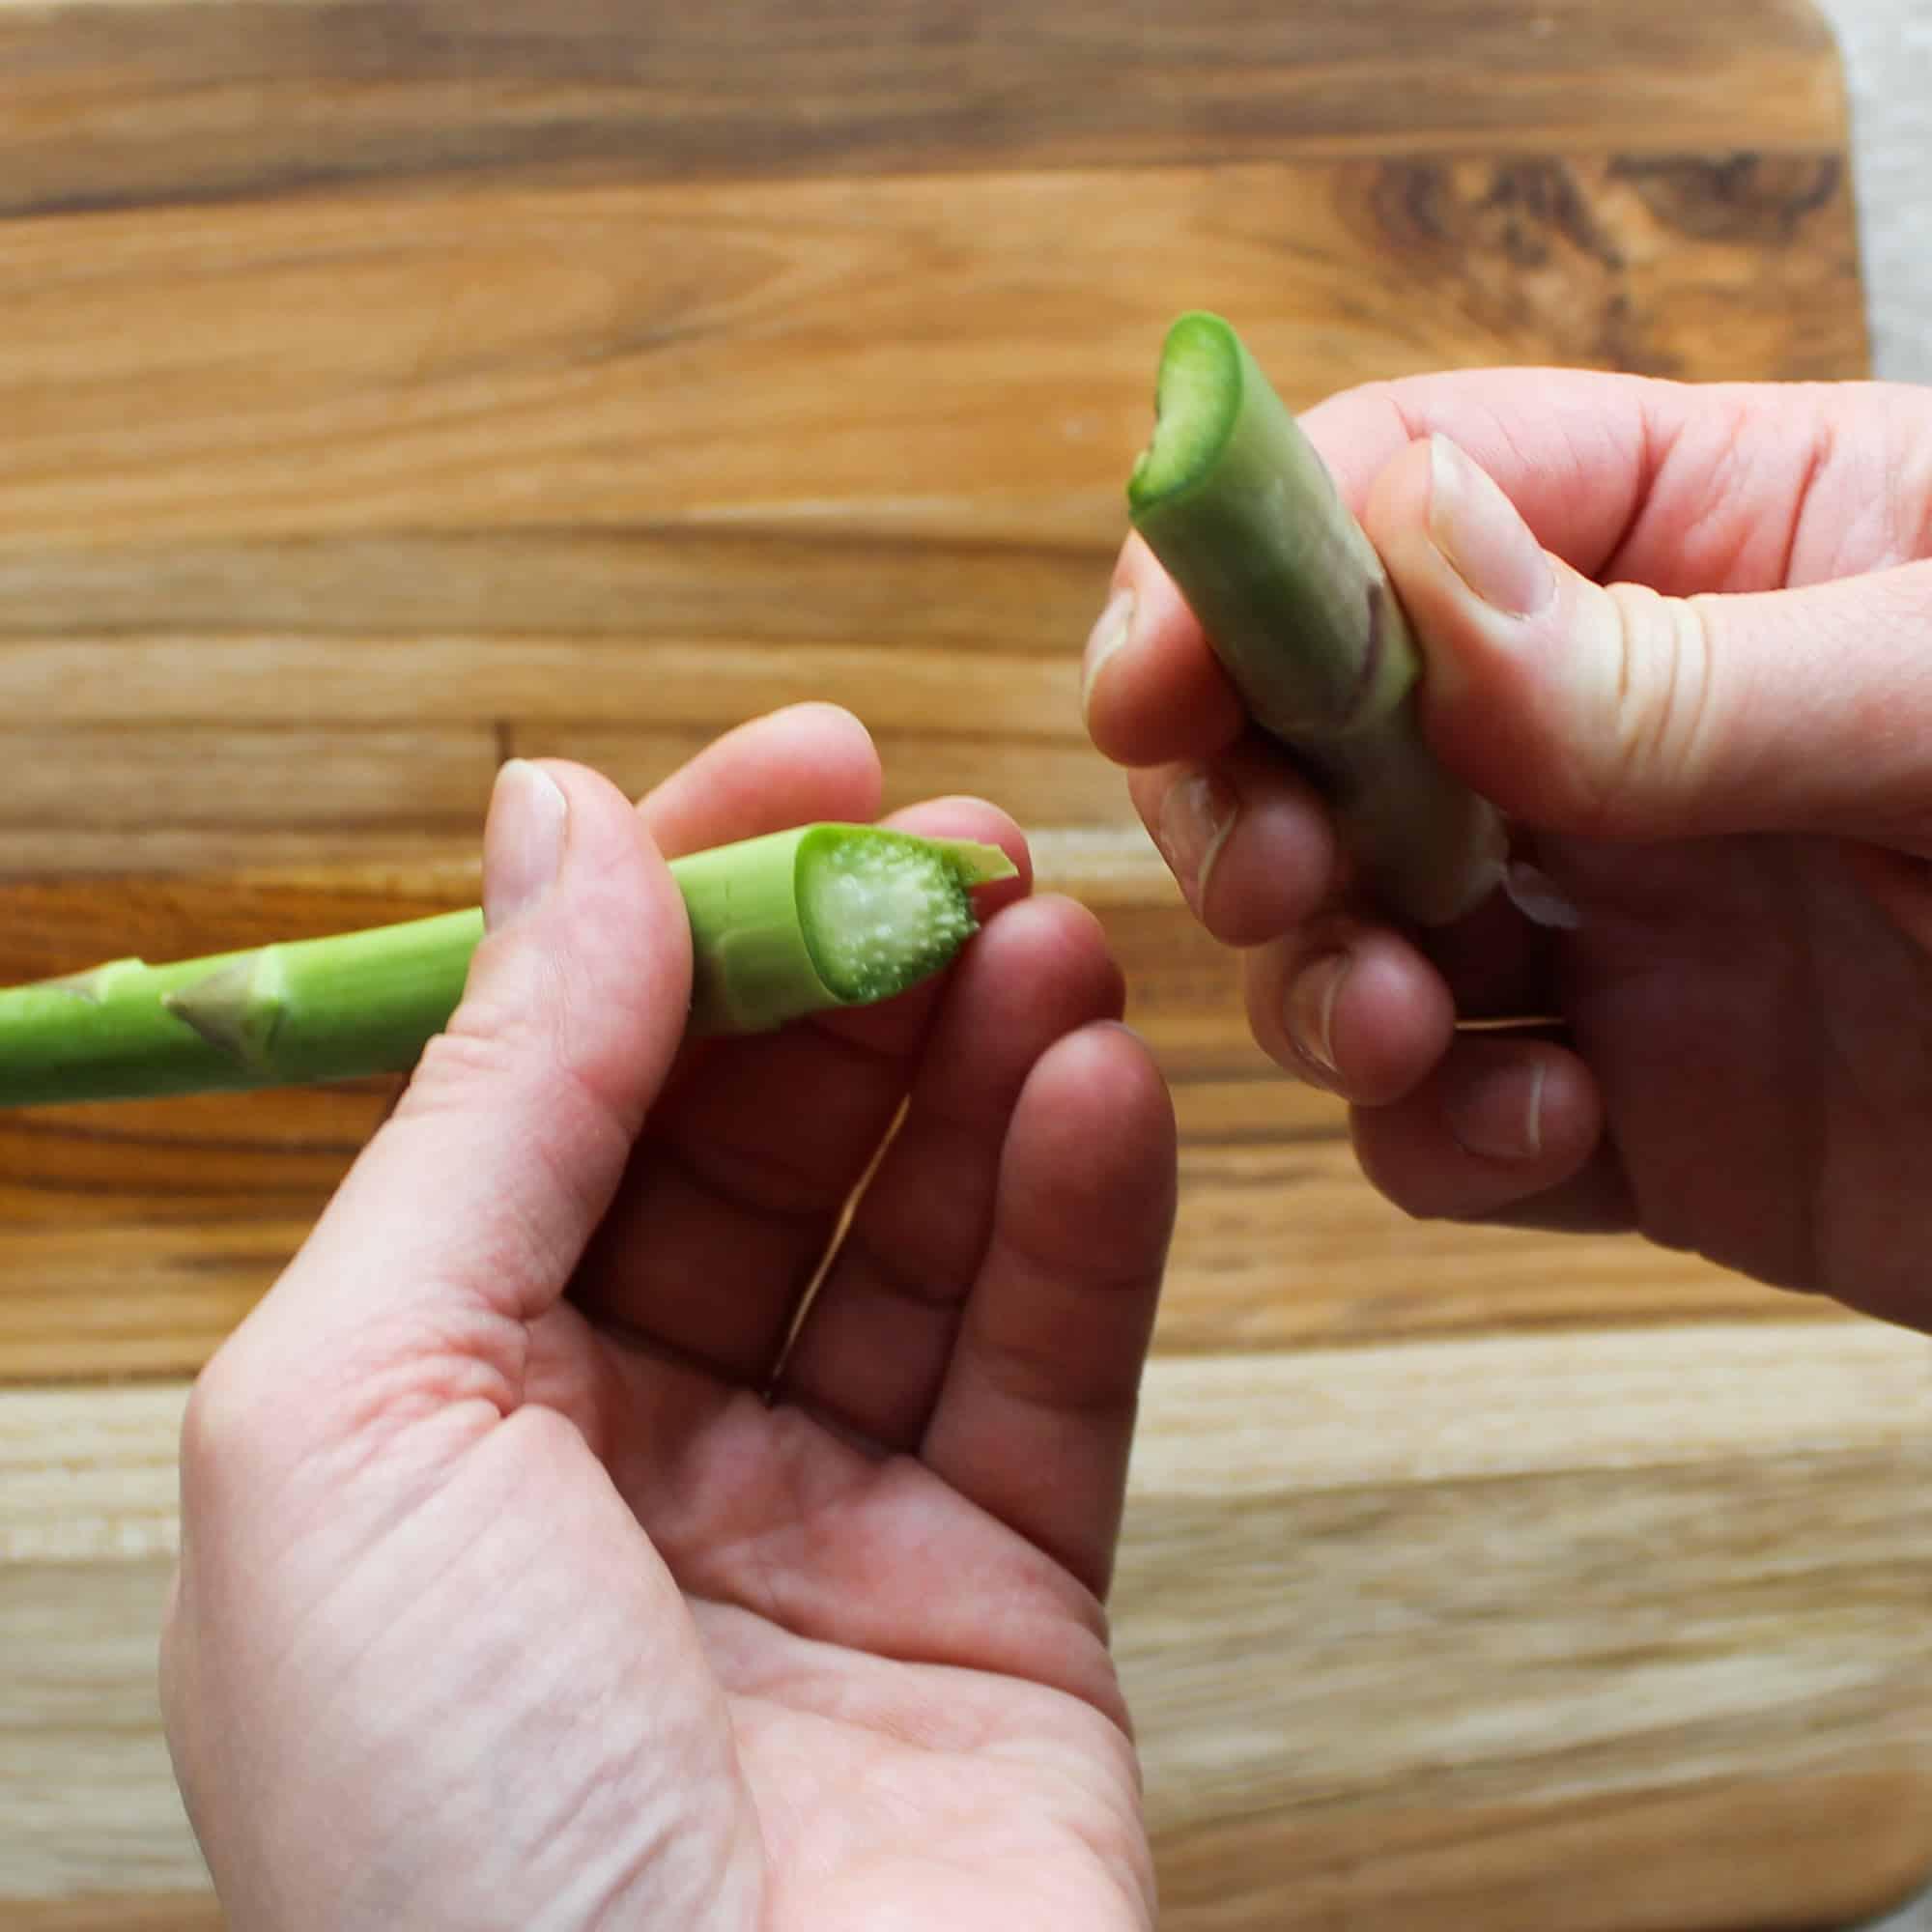 snap the asparagus